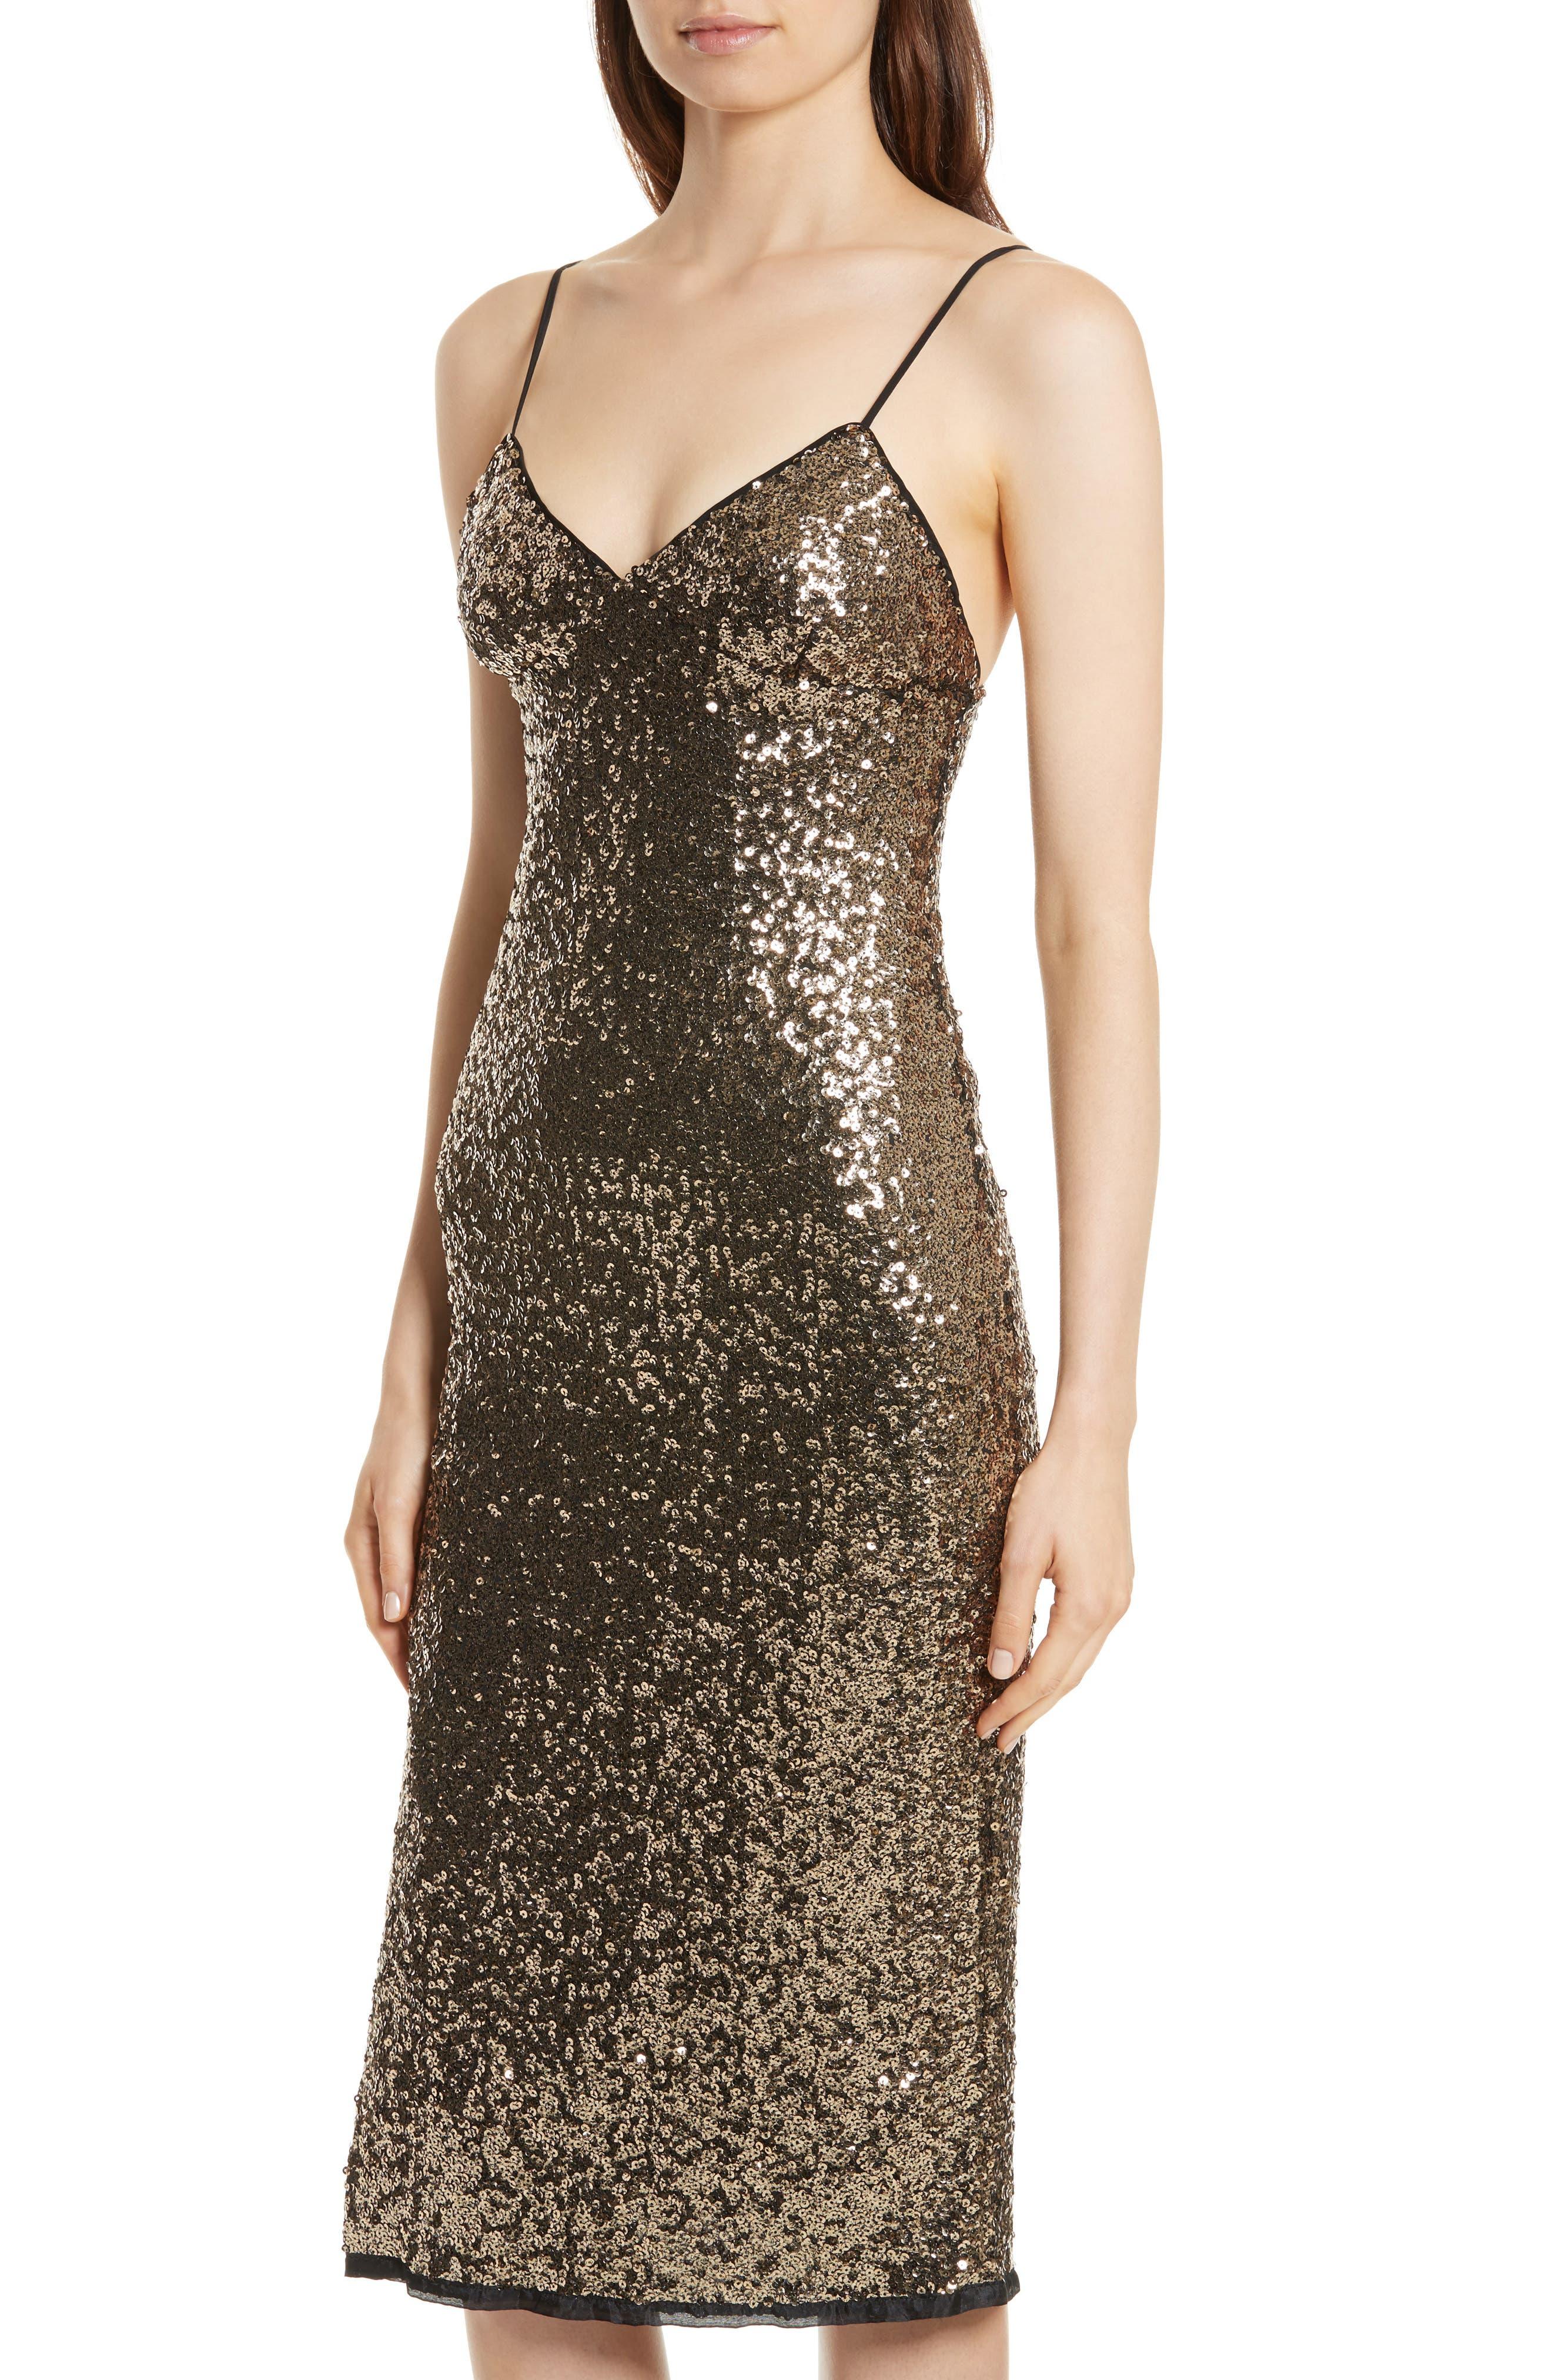 Alexis Sequin Camisole Dress,                             Alternate thumbnail 4, color,                             Antique Gold